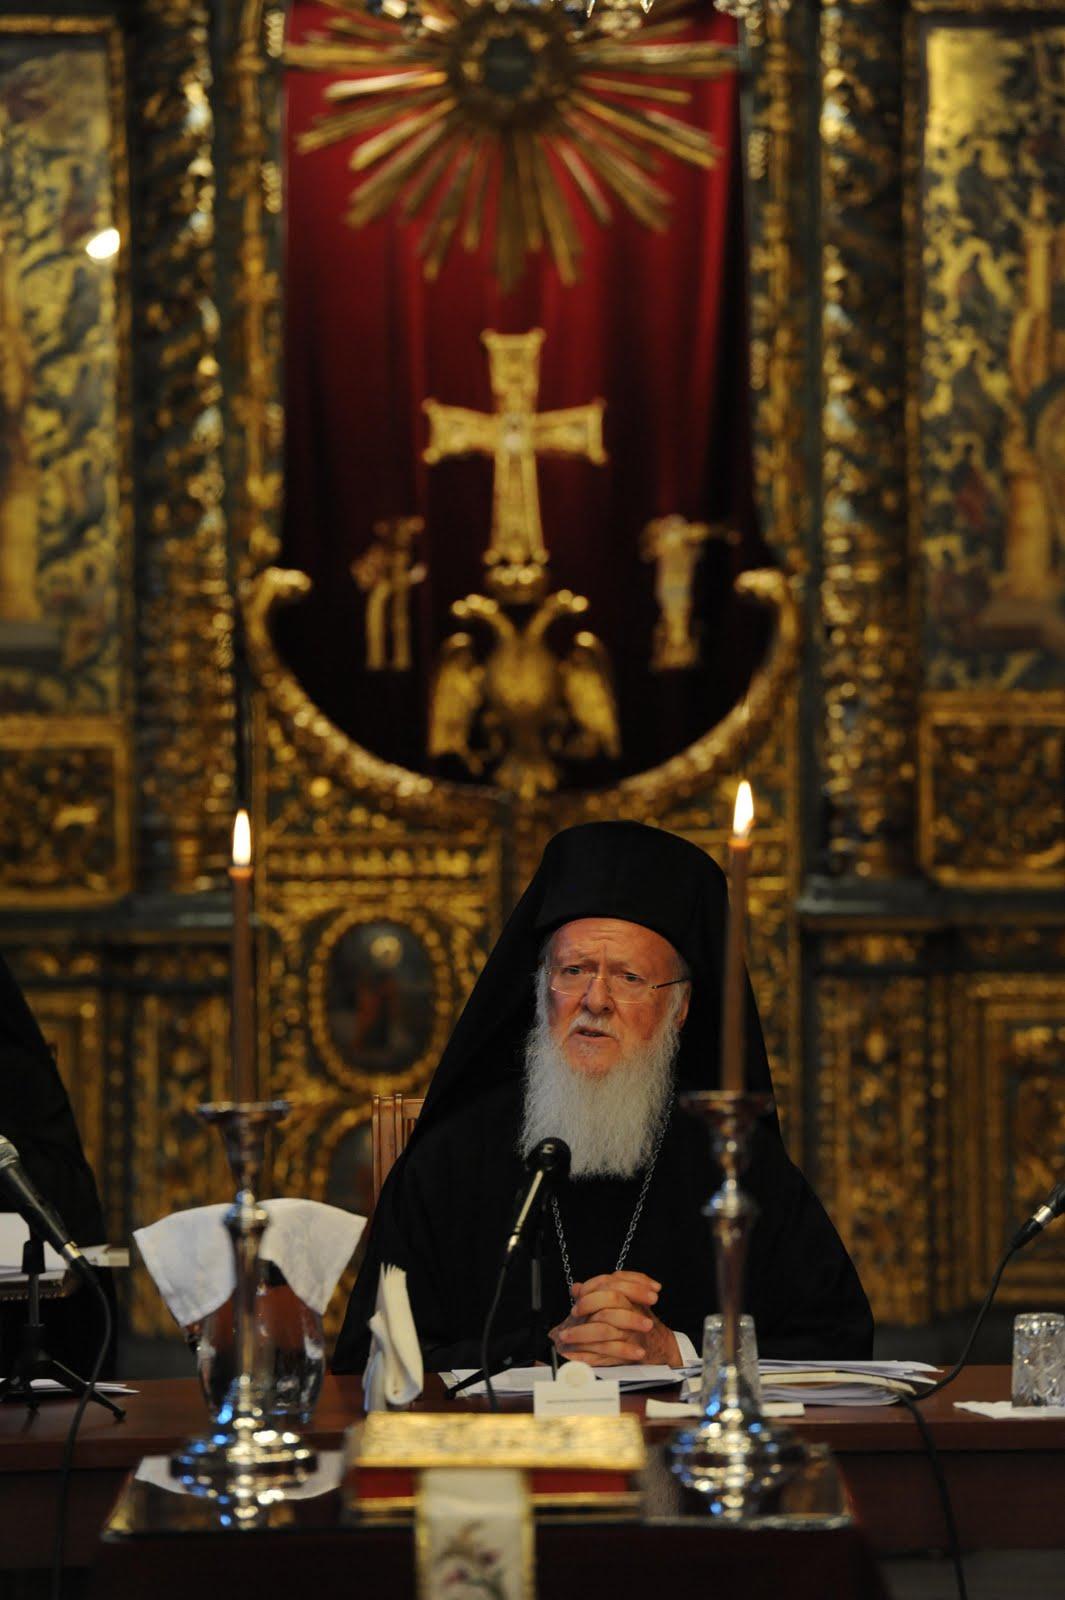 Совещание «нео-пентархии». Стамбул, 1-2 сентября 2011 г. Патриарх Варфоломей